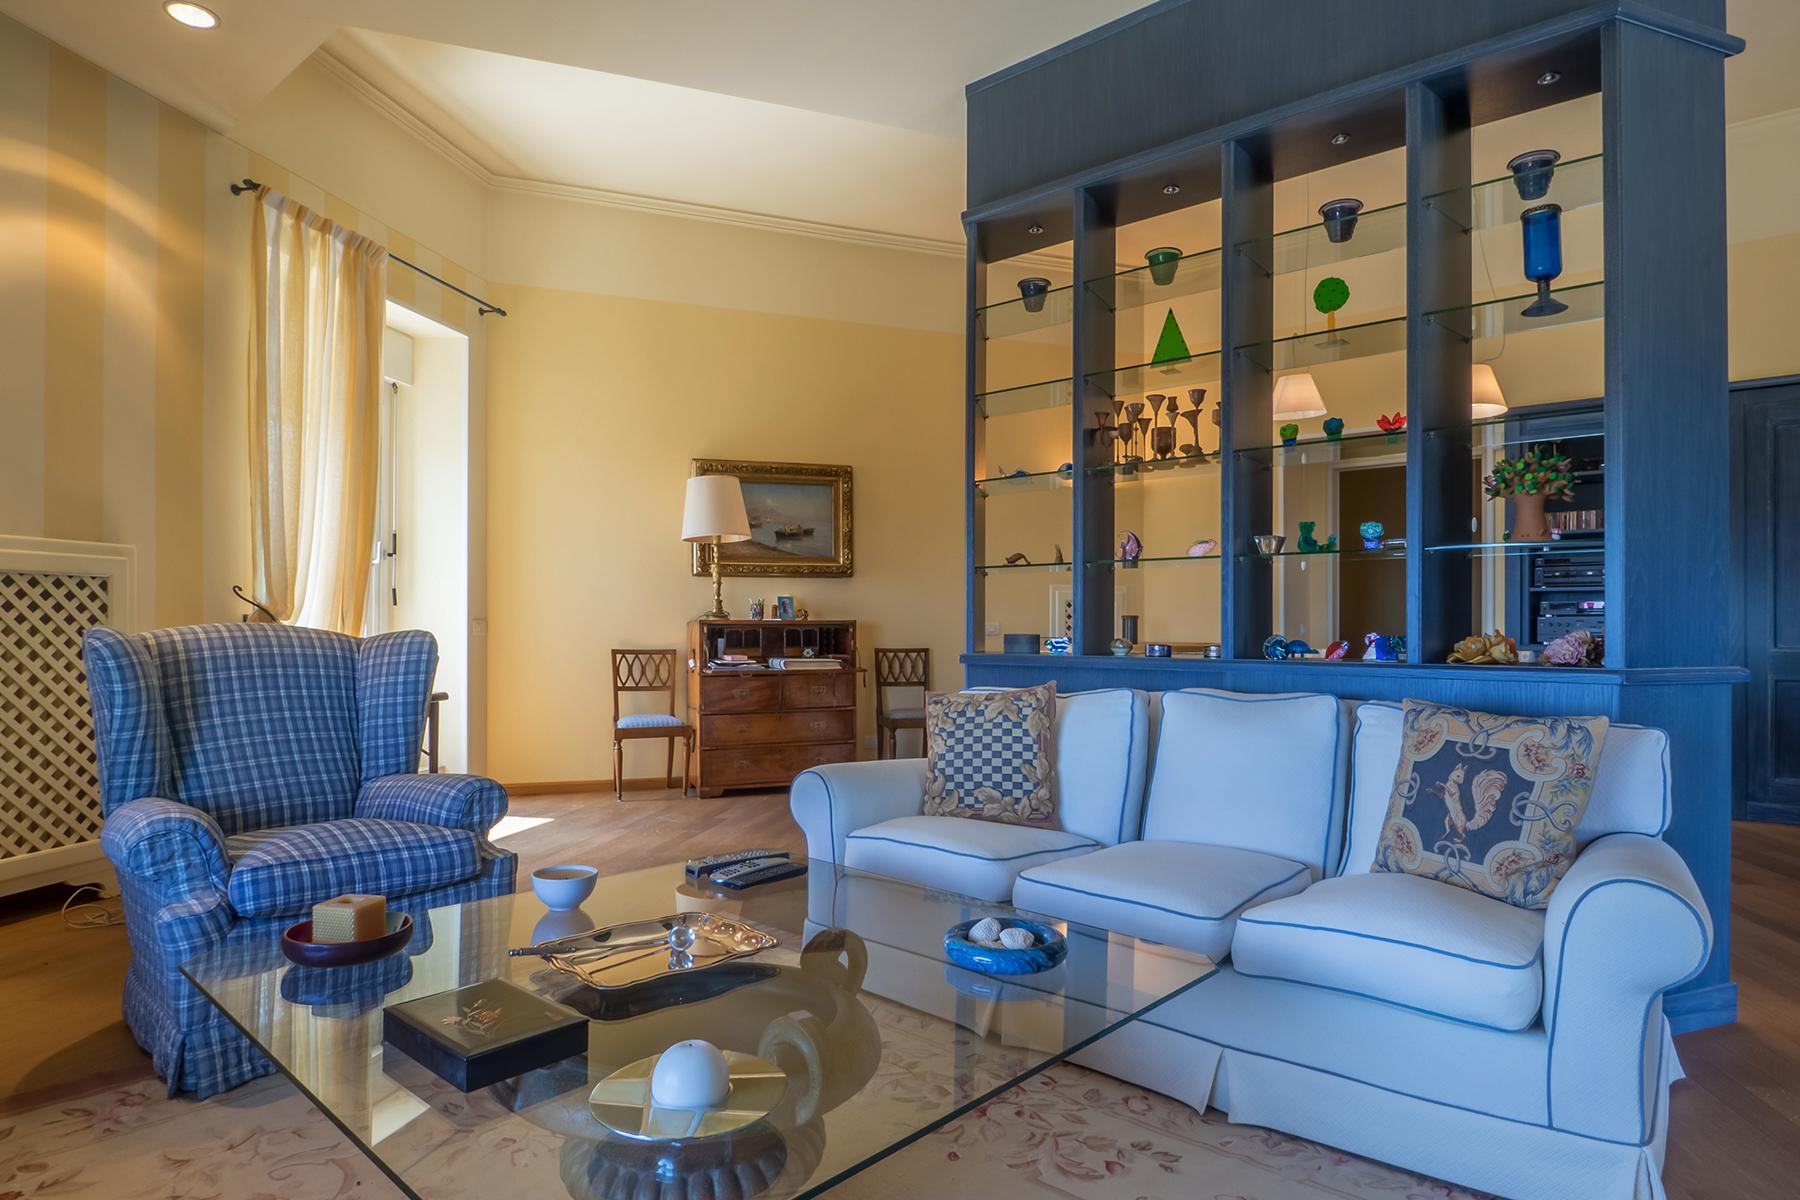 Appartamento in Vendita a Biella: 4 locali, 185 mq - Foto 7